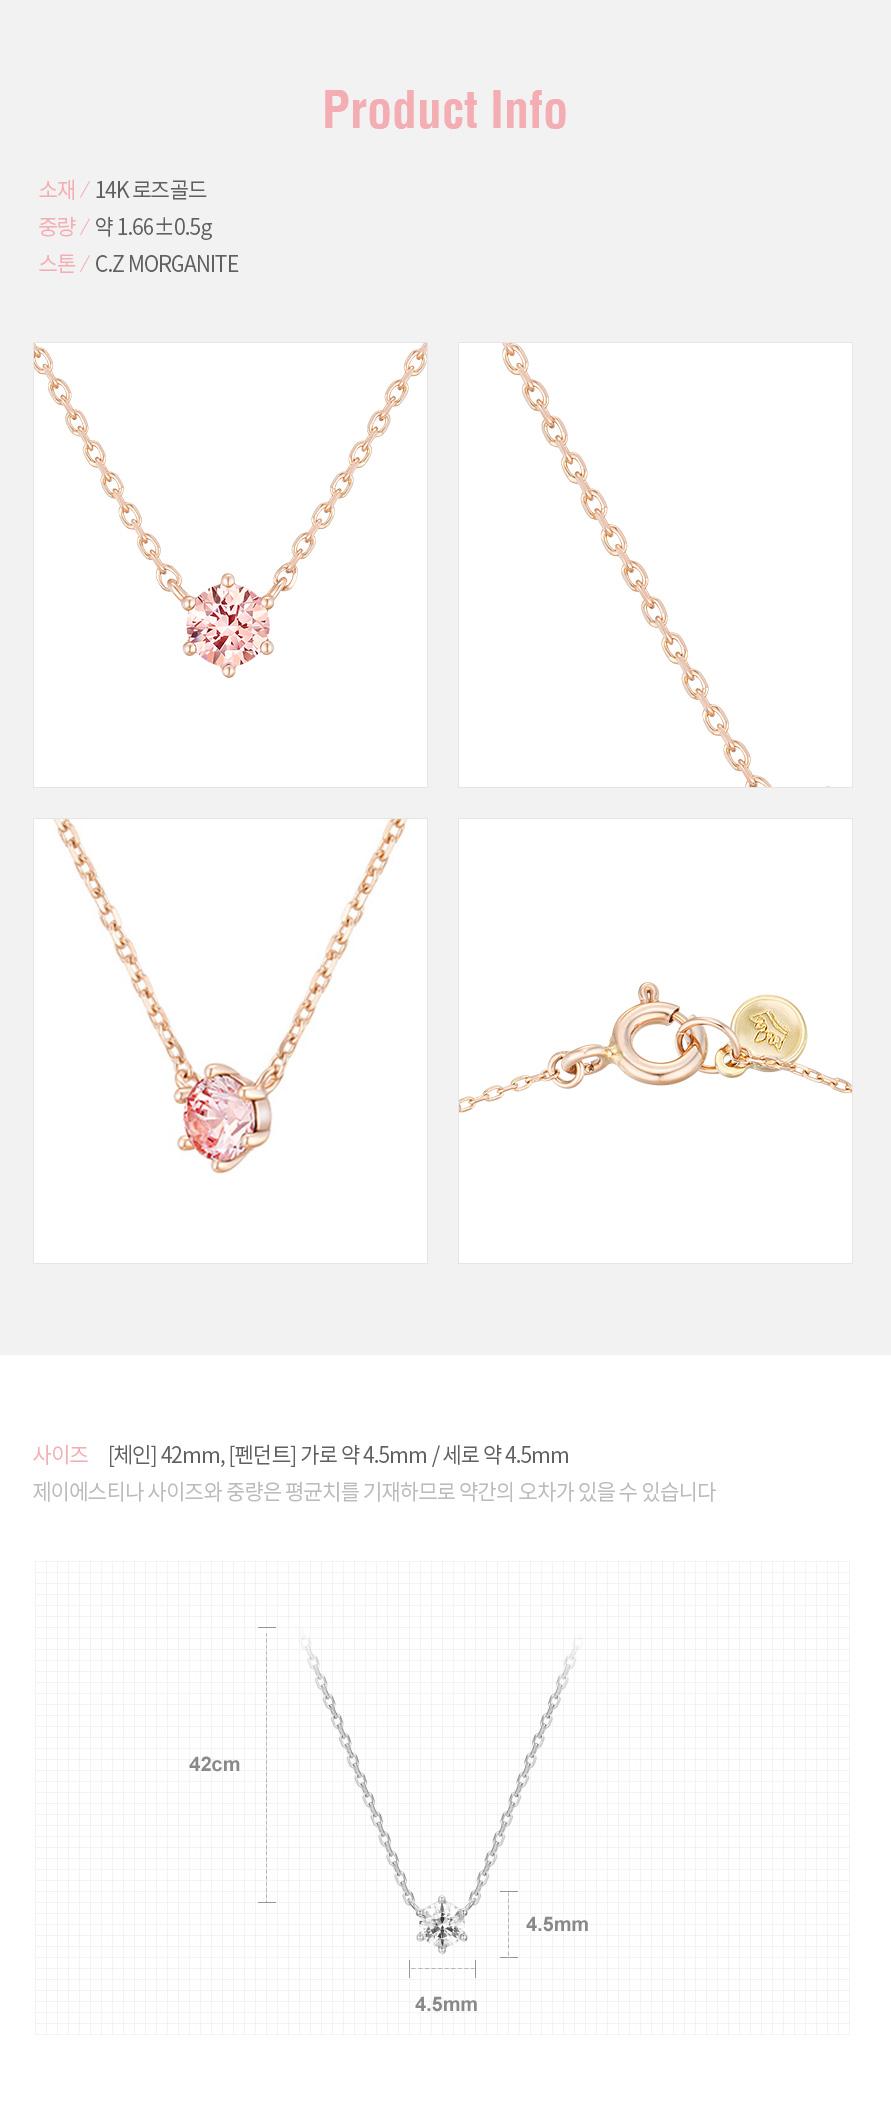 제이에스티나(JESTINA) Pinkmond 14K 목걸이 (JJJBNQ9AF800R4420)